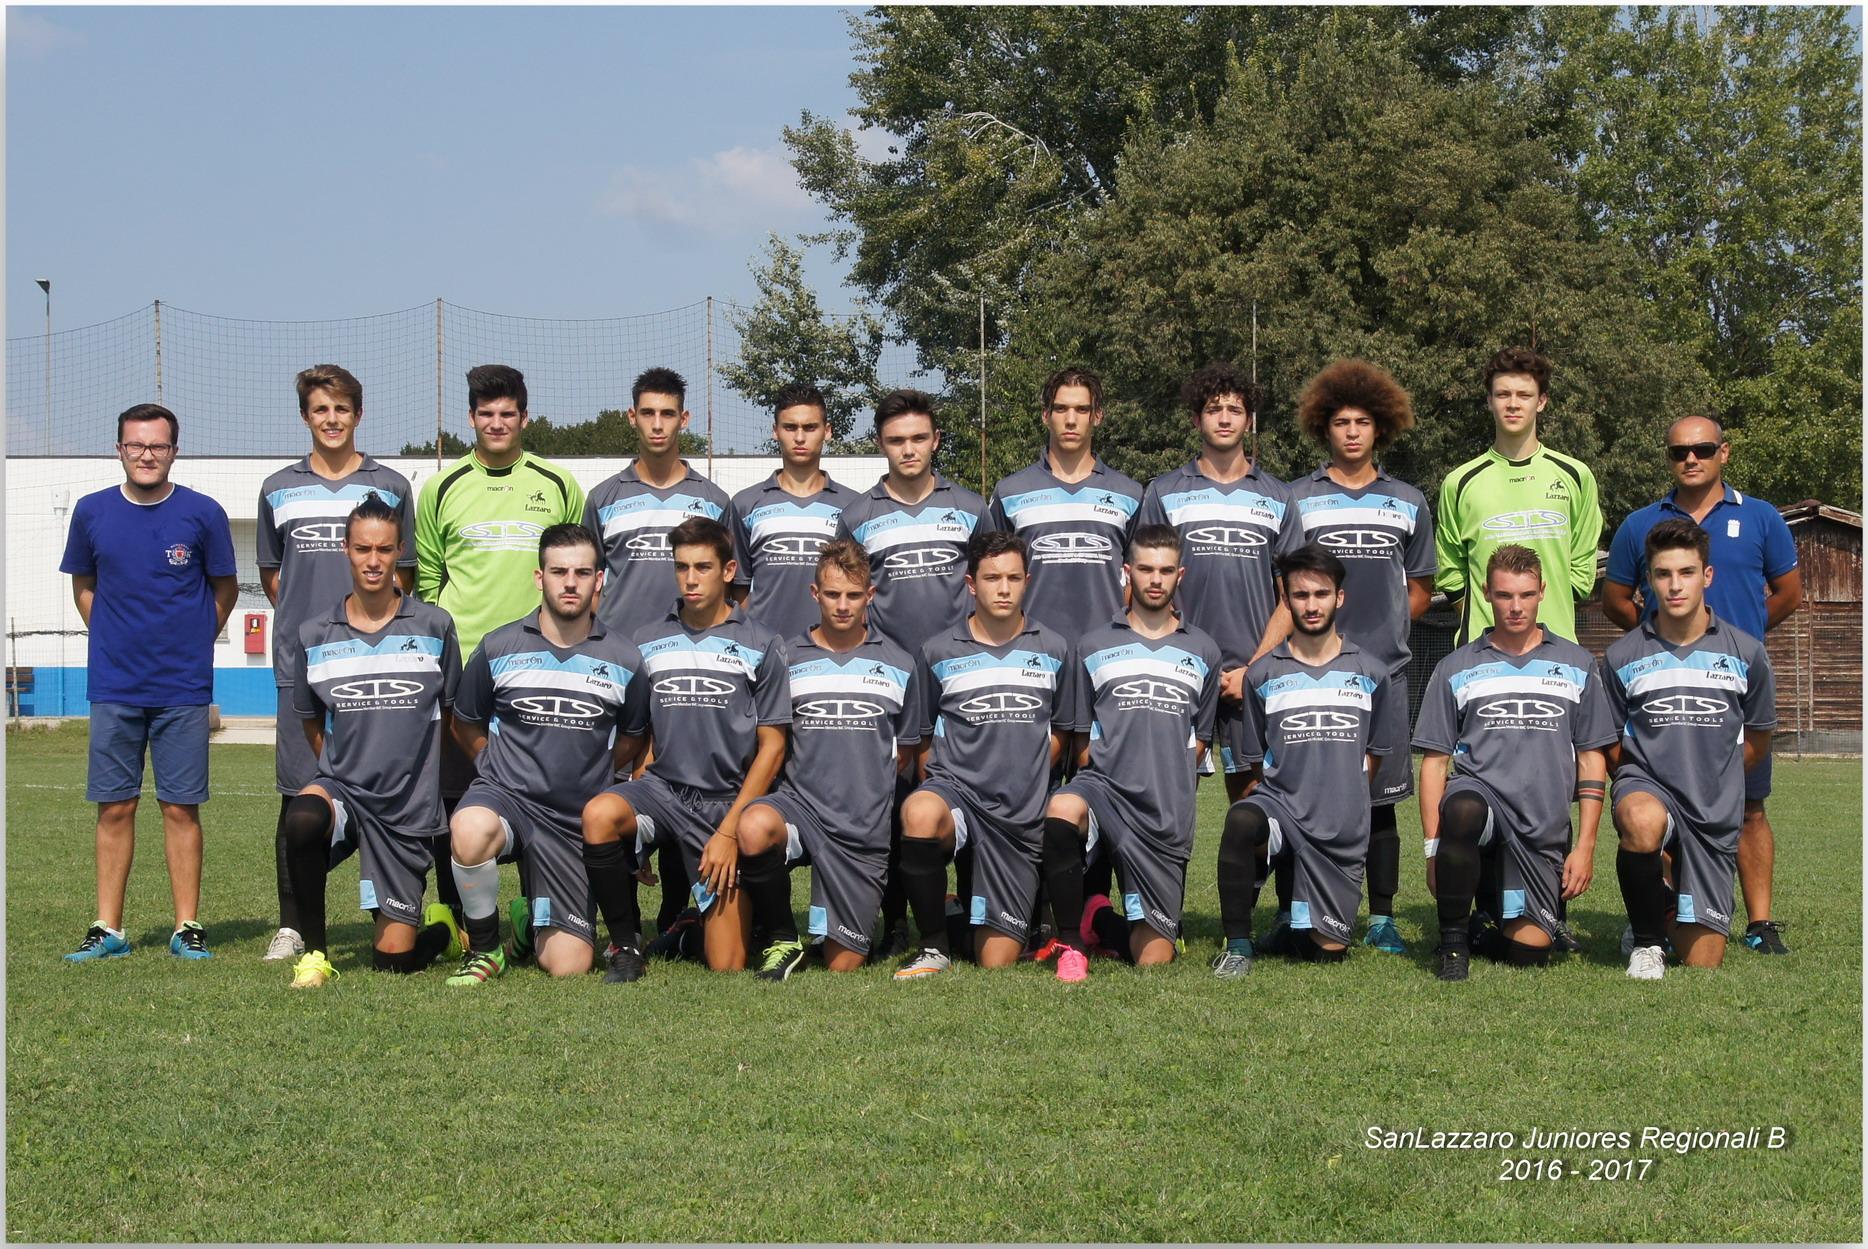 SanLazzaro - Juniores Regionale B